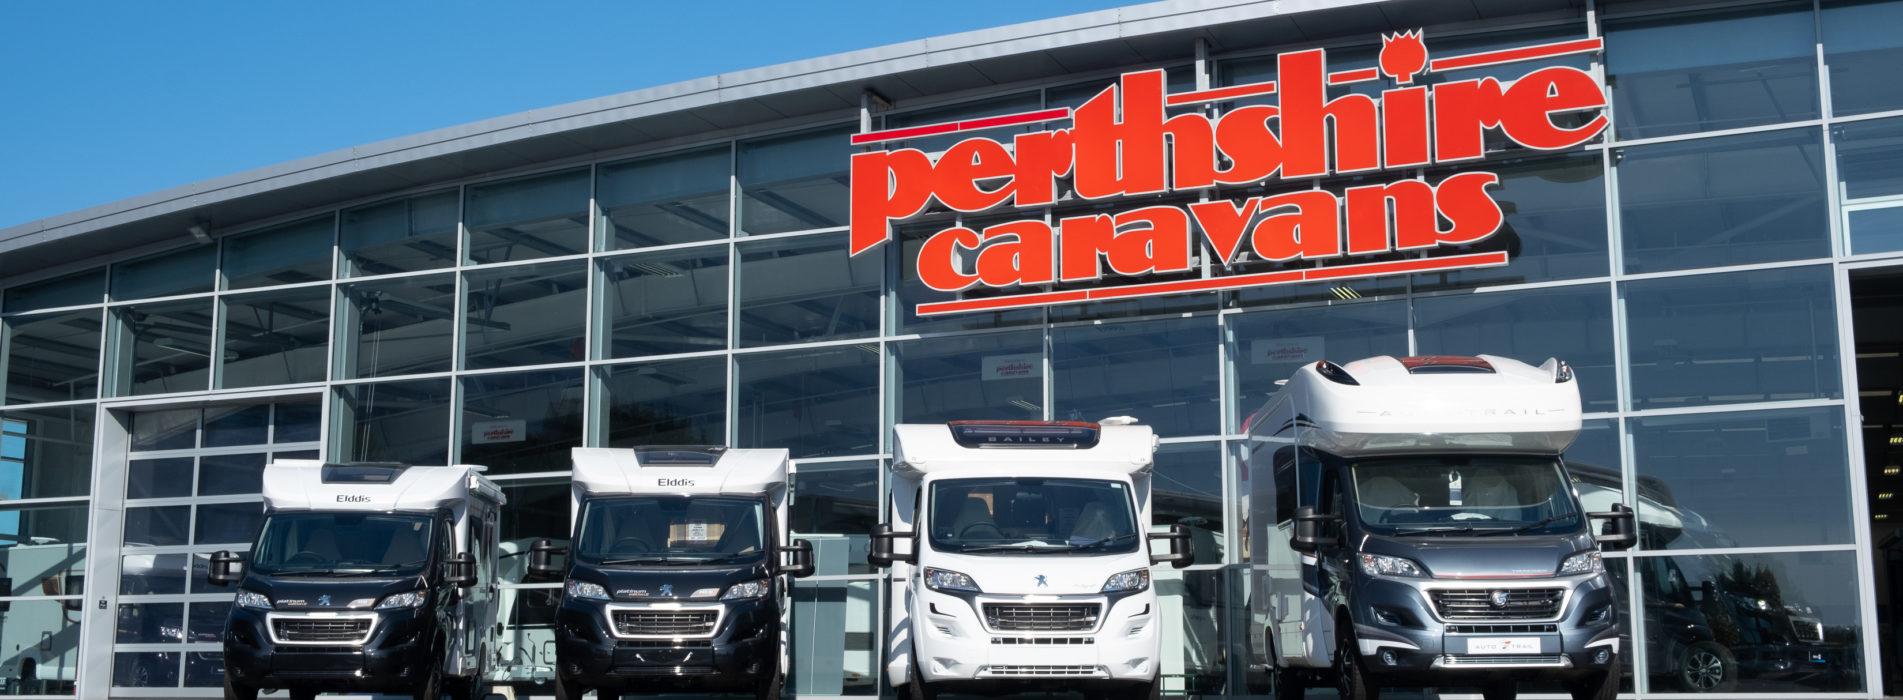 Perthshire Caravans....Pic Paul Reid